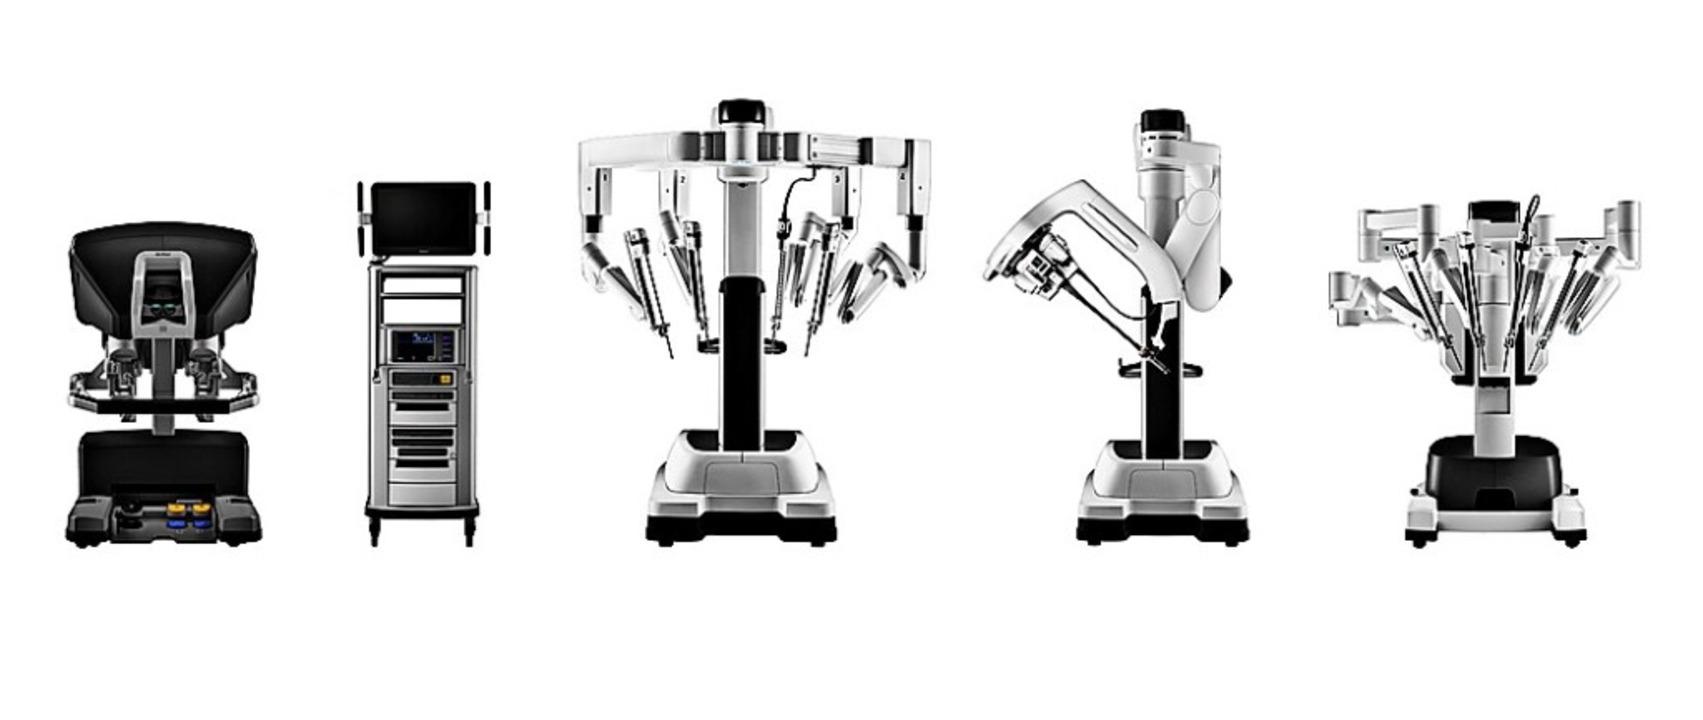 Die vierte Generation des da Vinci-Chirurgiesystems  | Foto: da vinci